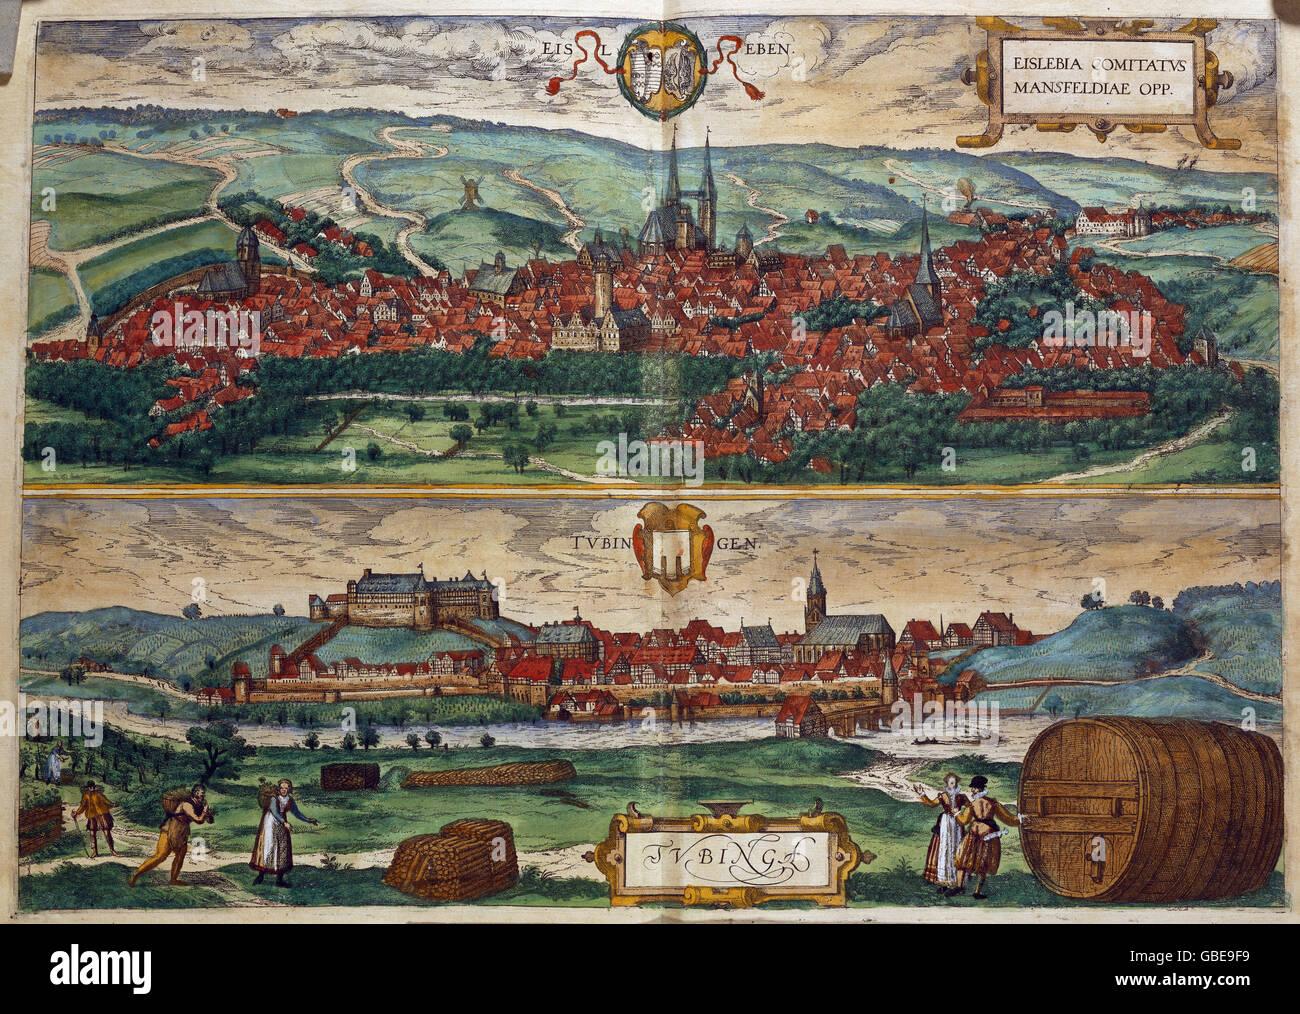 """Geographie/Reisen, Deutschland, Eisleben und Tübingen, Holzschnitt, farbig, von der Stadt taedteatlas"""" Stockbild"""